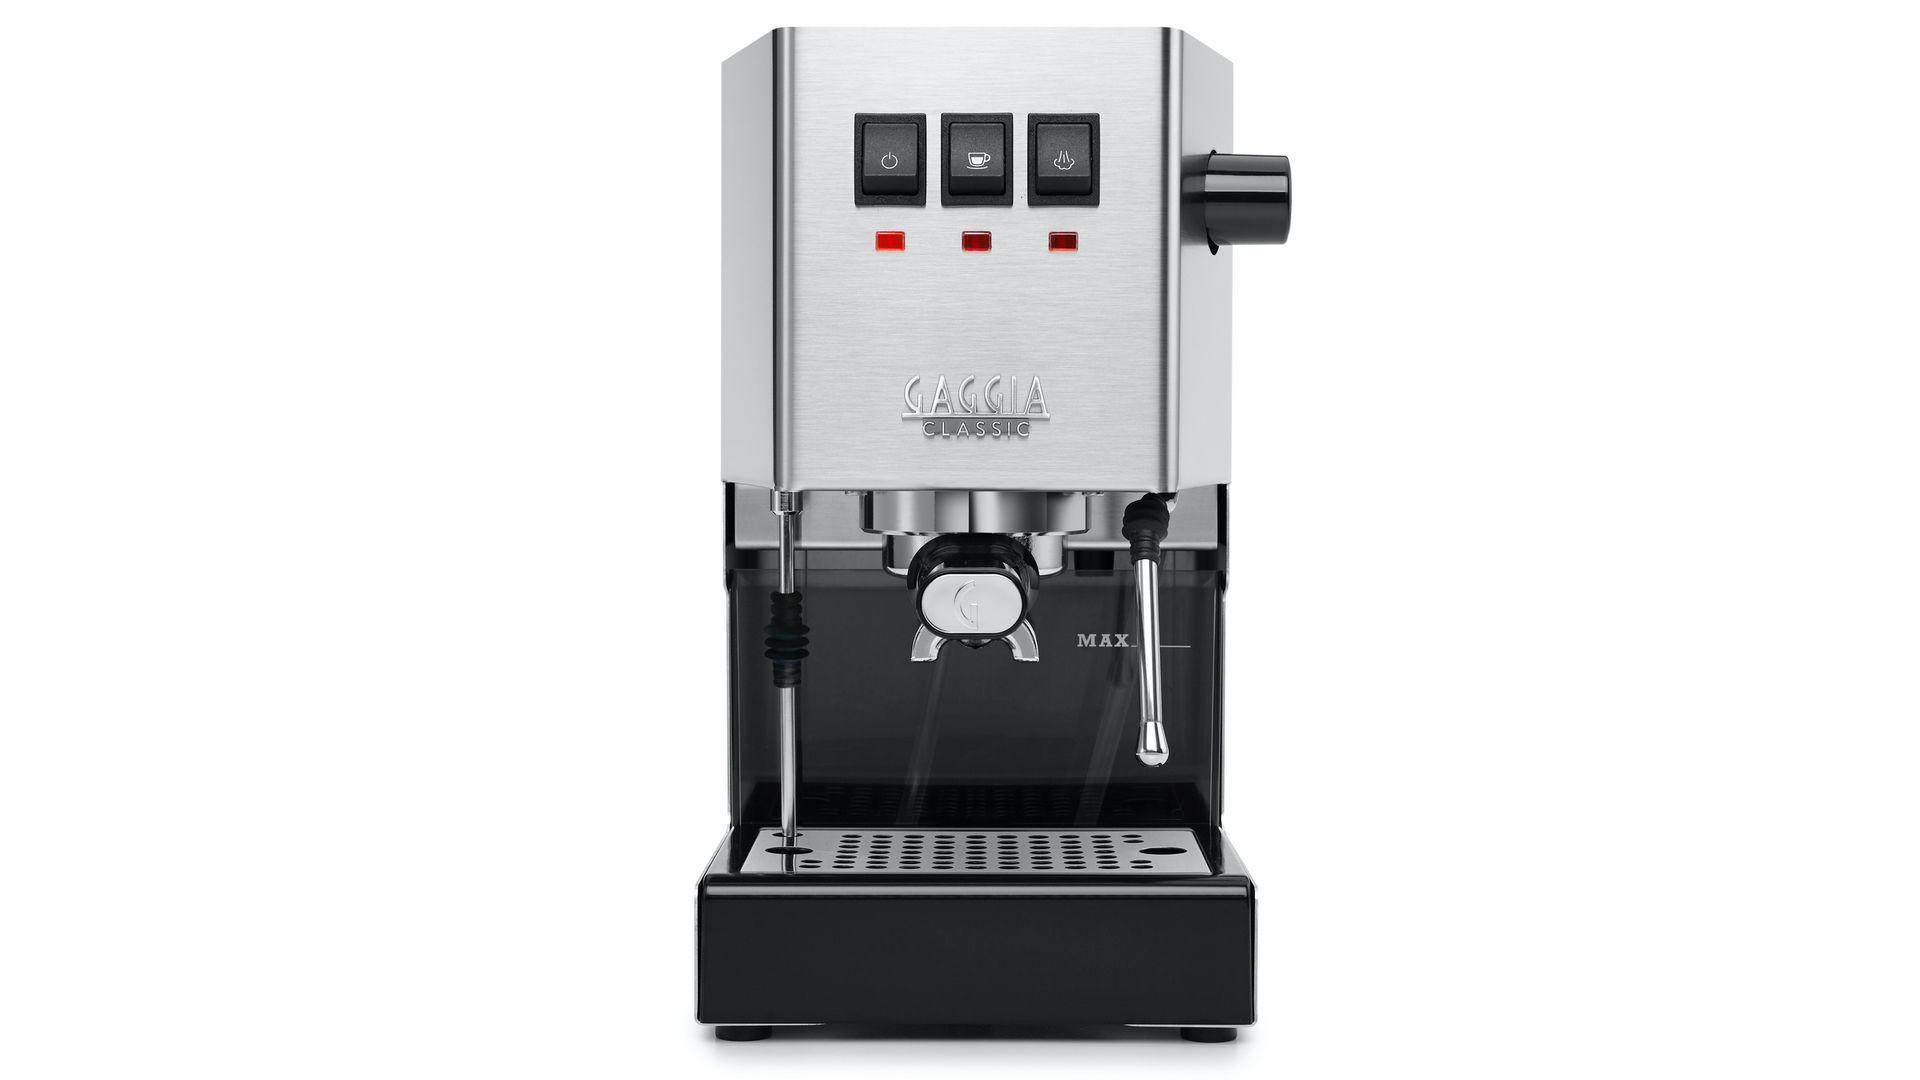 5 1 - بهترین دستگاه های اسپرسو ساز (قهوه ساز) برای خرید کدام اند؟